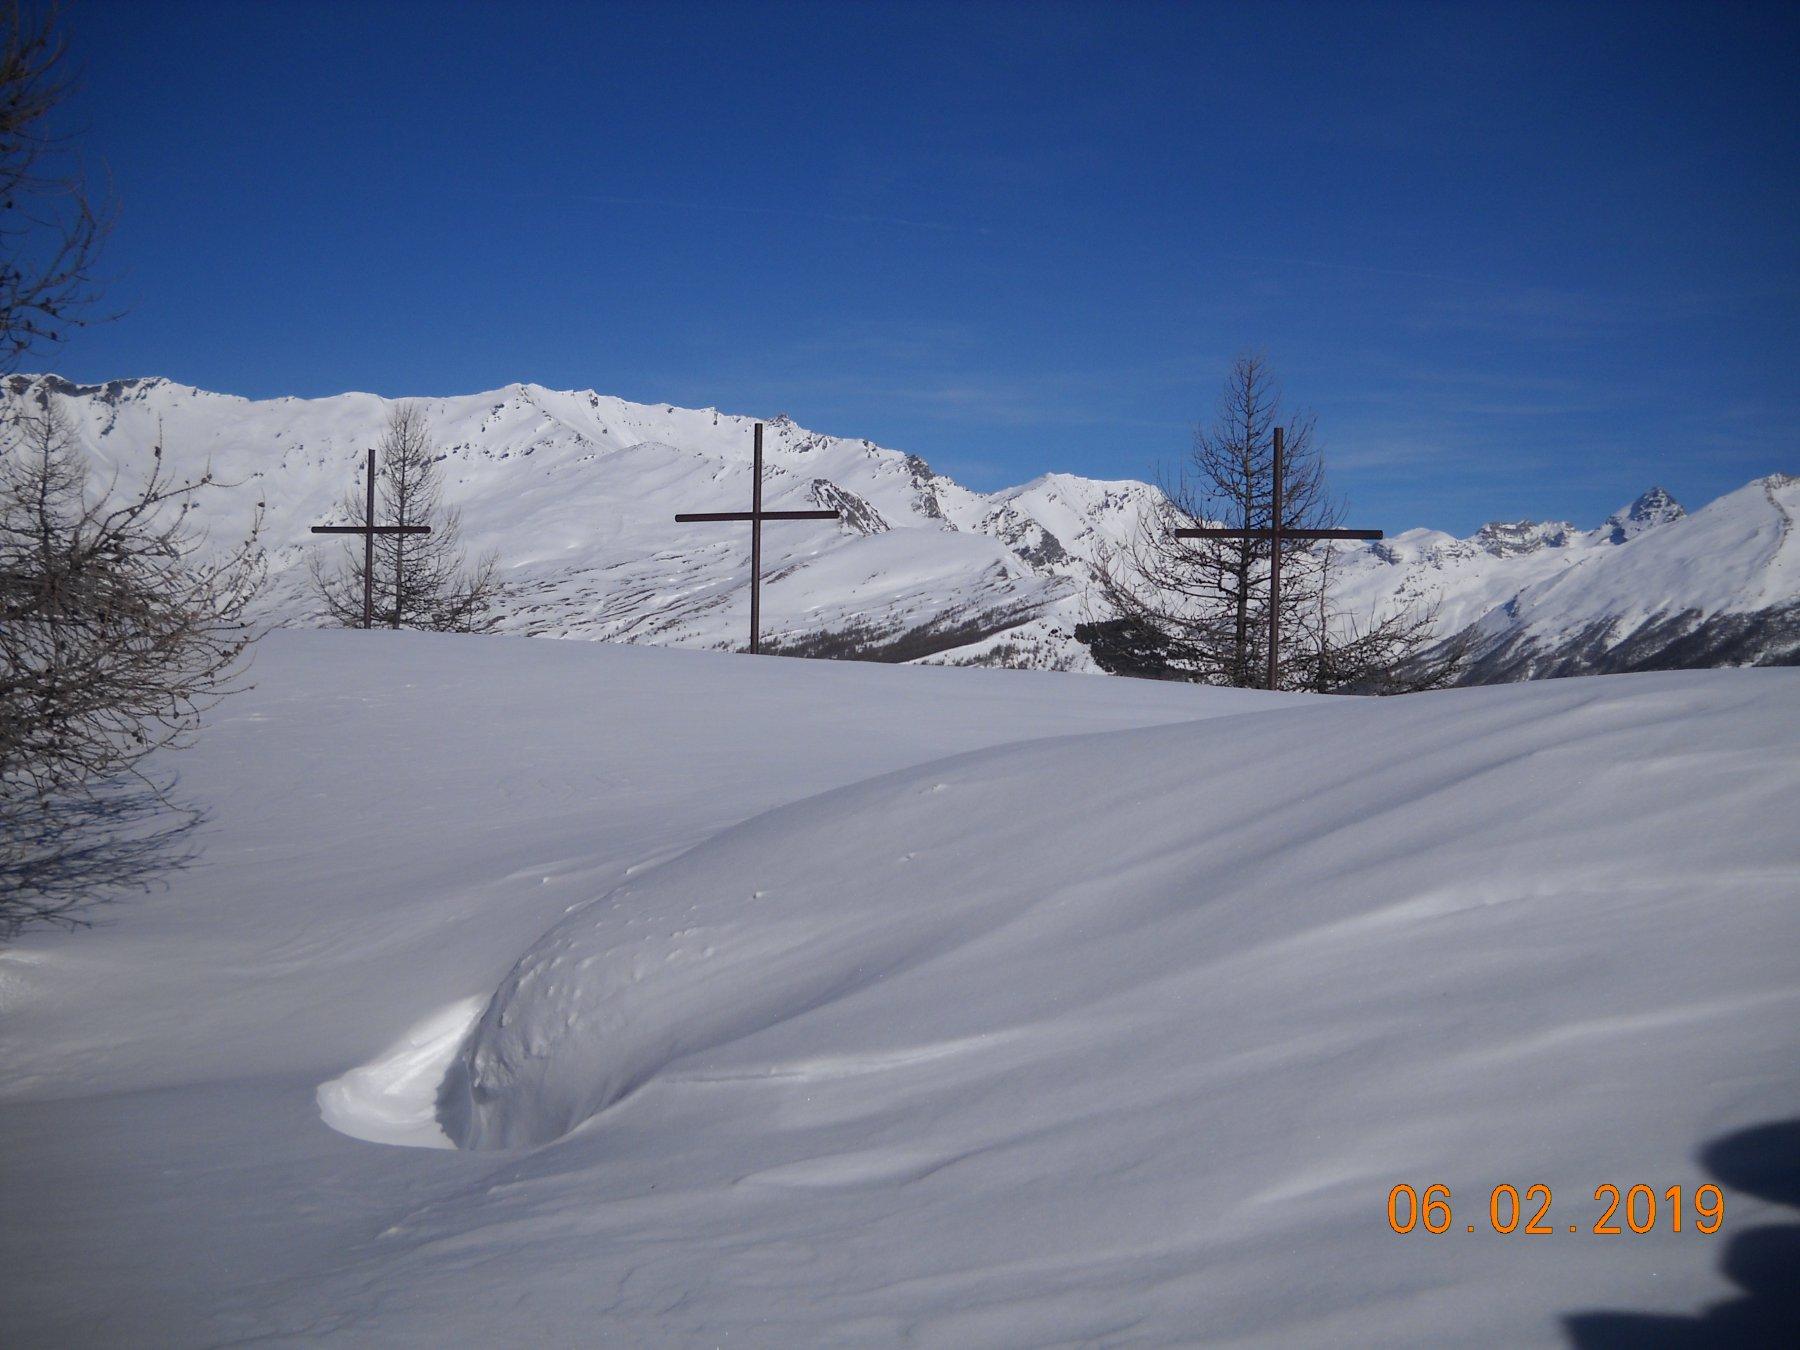 Poggio tre croci ancora vergini con 1 metro di neve